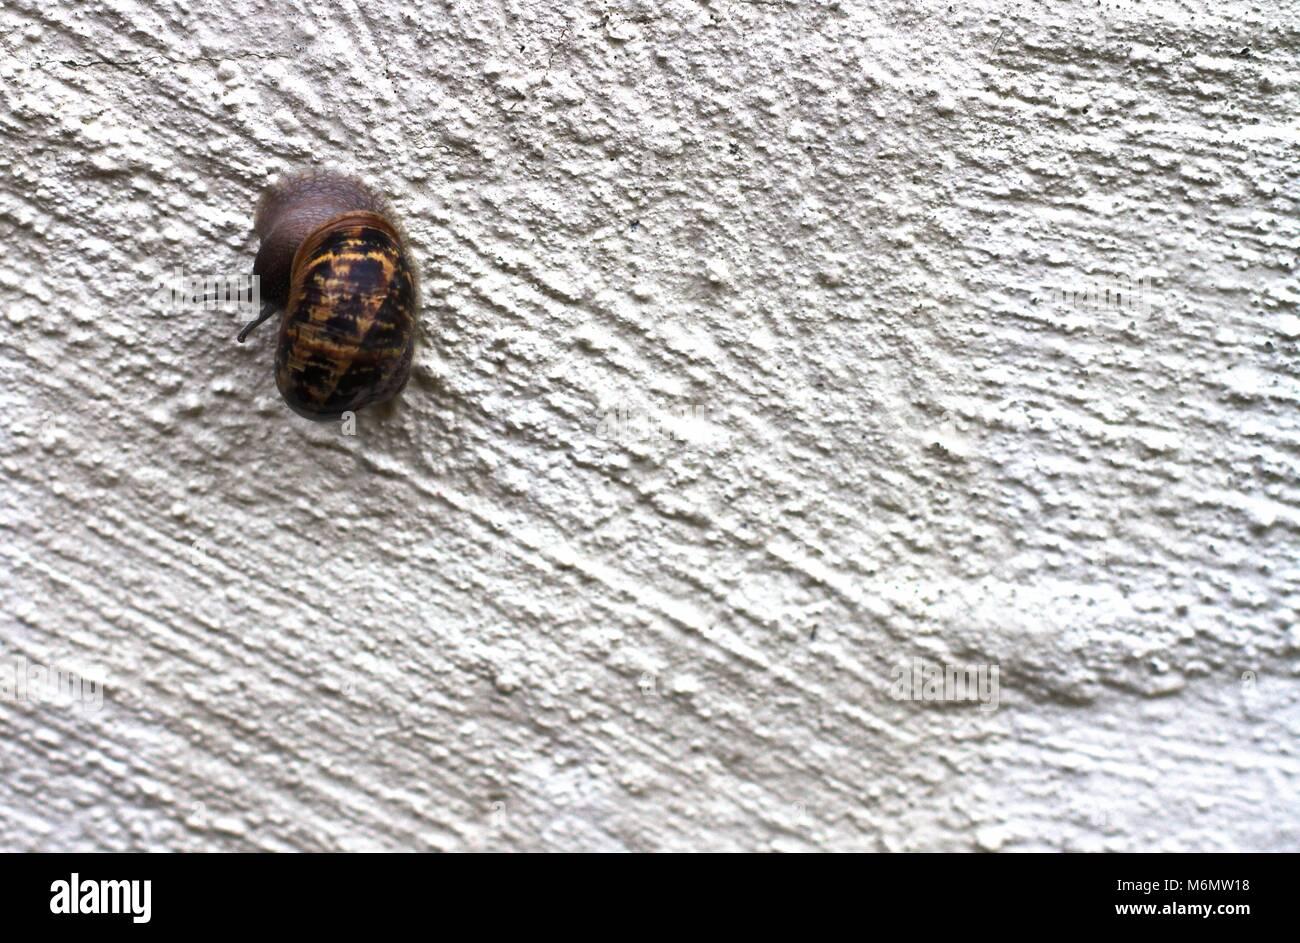 Garden snail climbing up rough white wall. Stock Photo